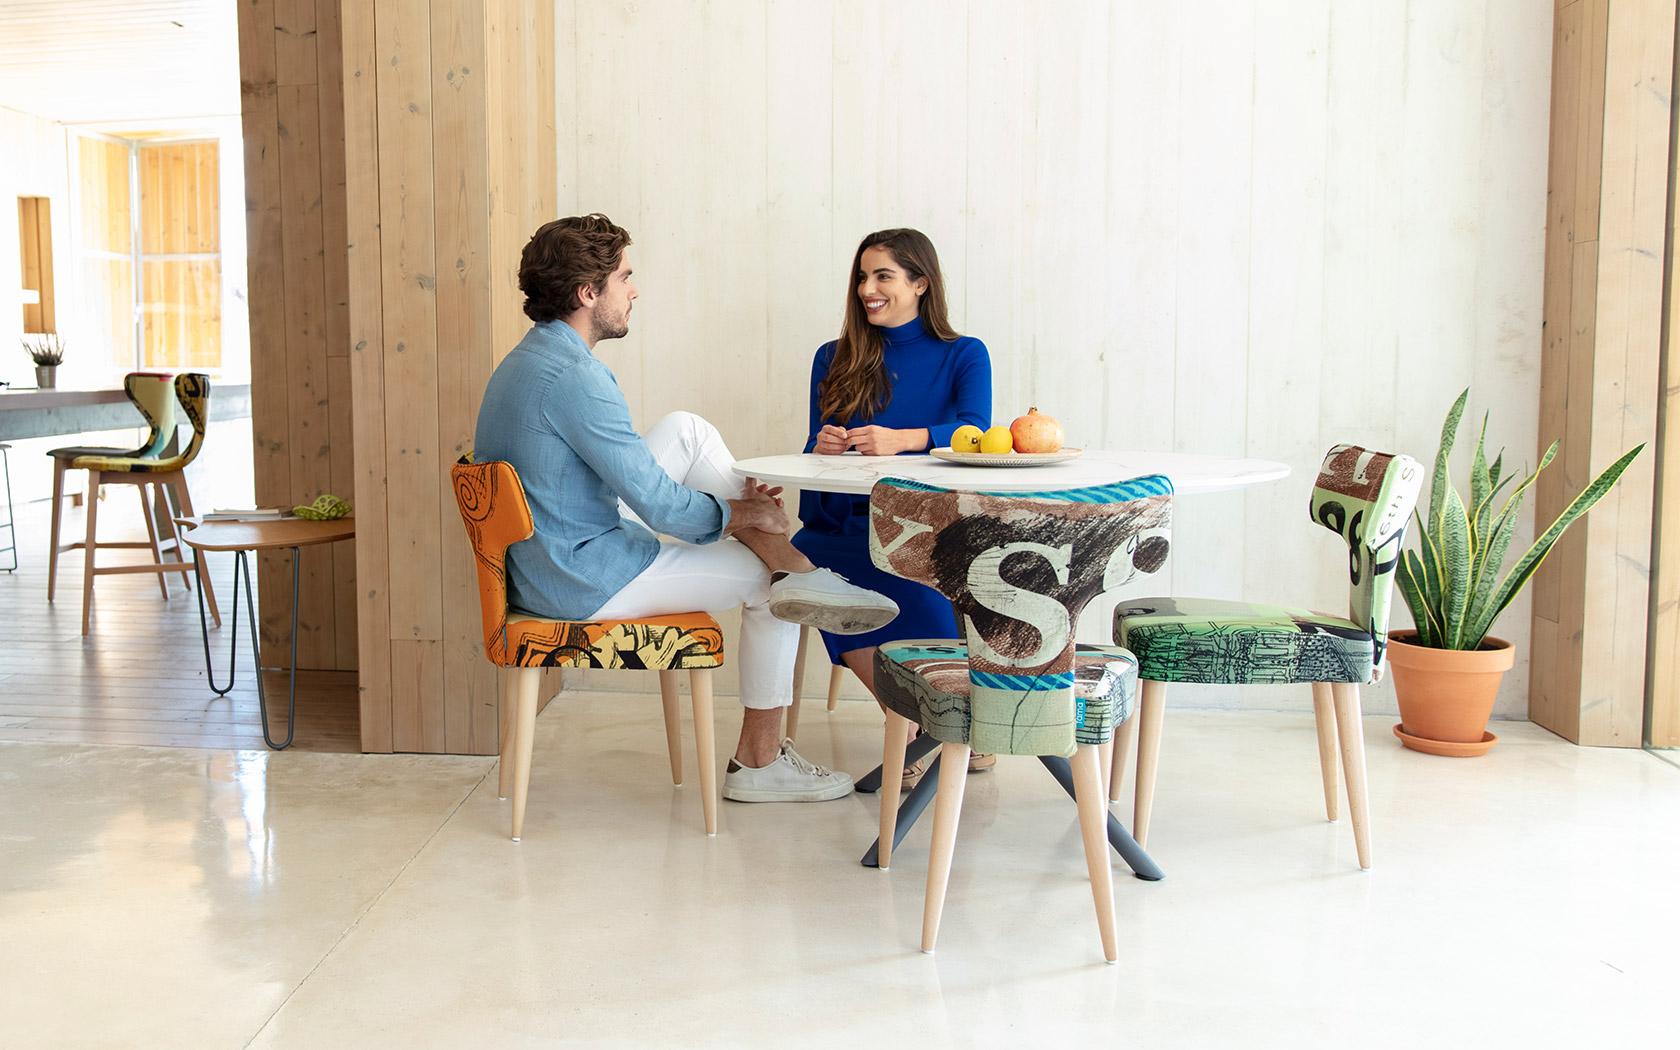 Mili&lalo silla 2021 03